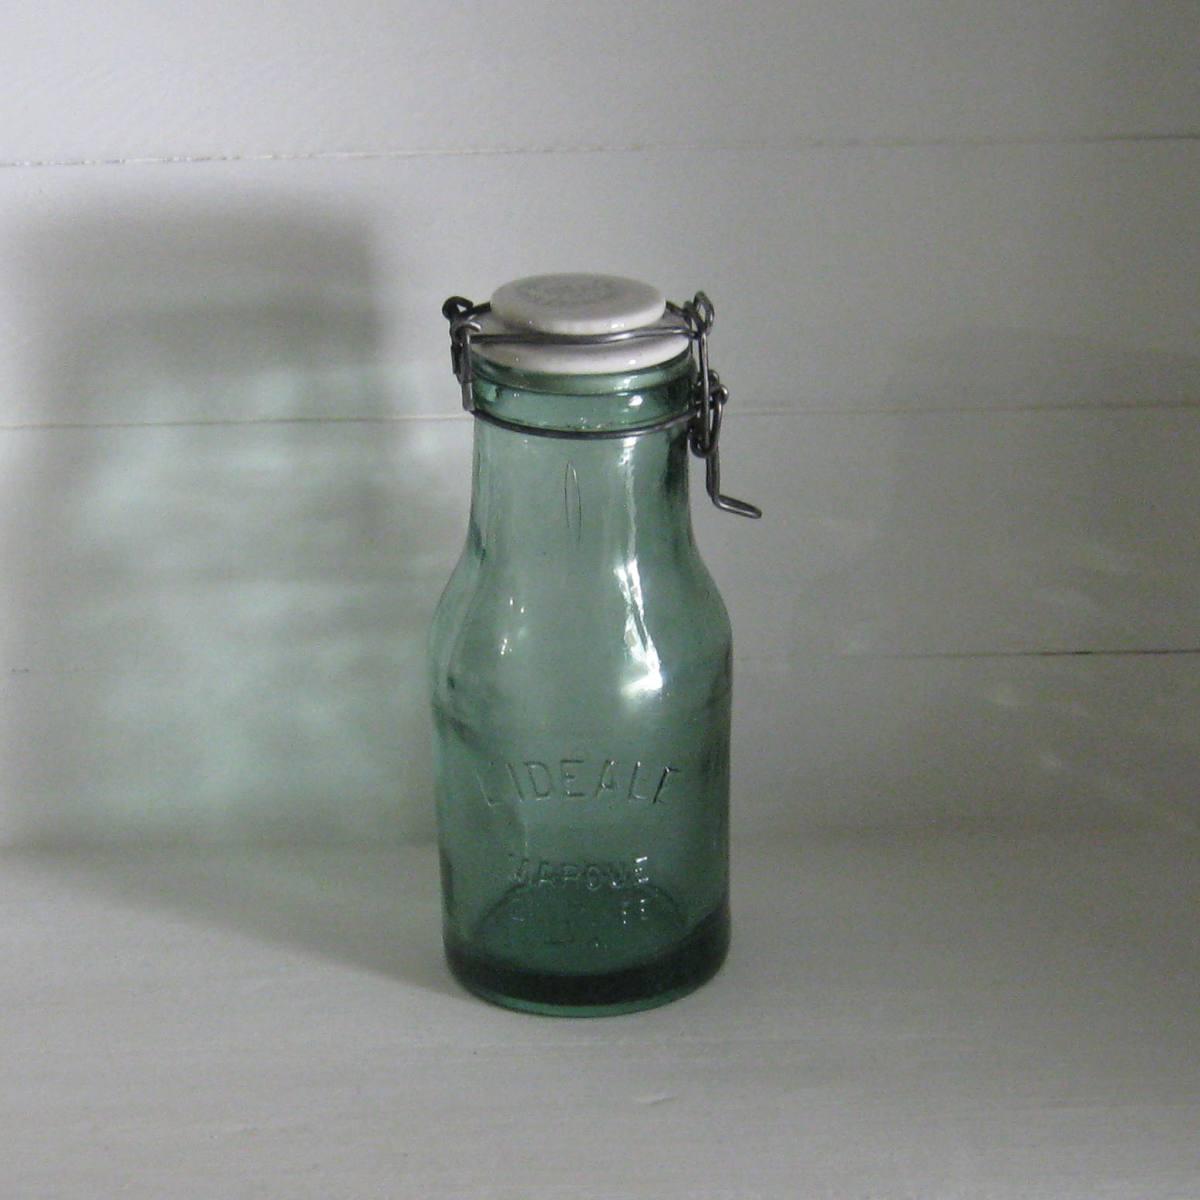 Ancienne bouteille a conserves l ideale 1